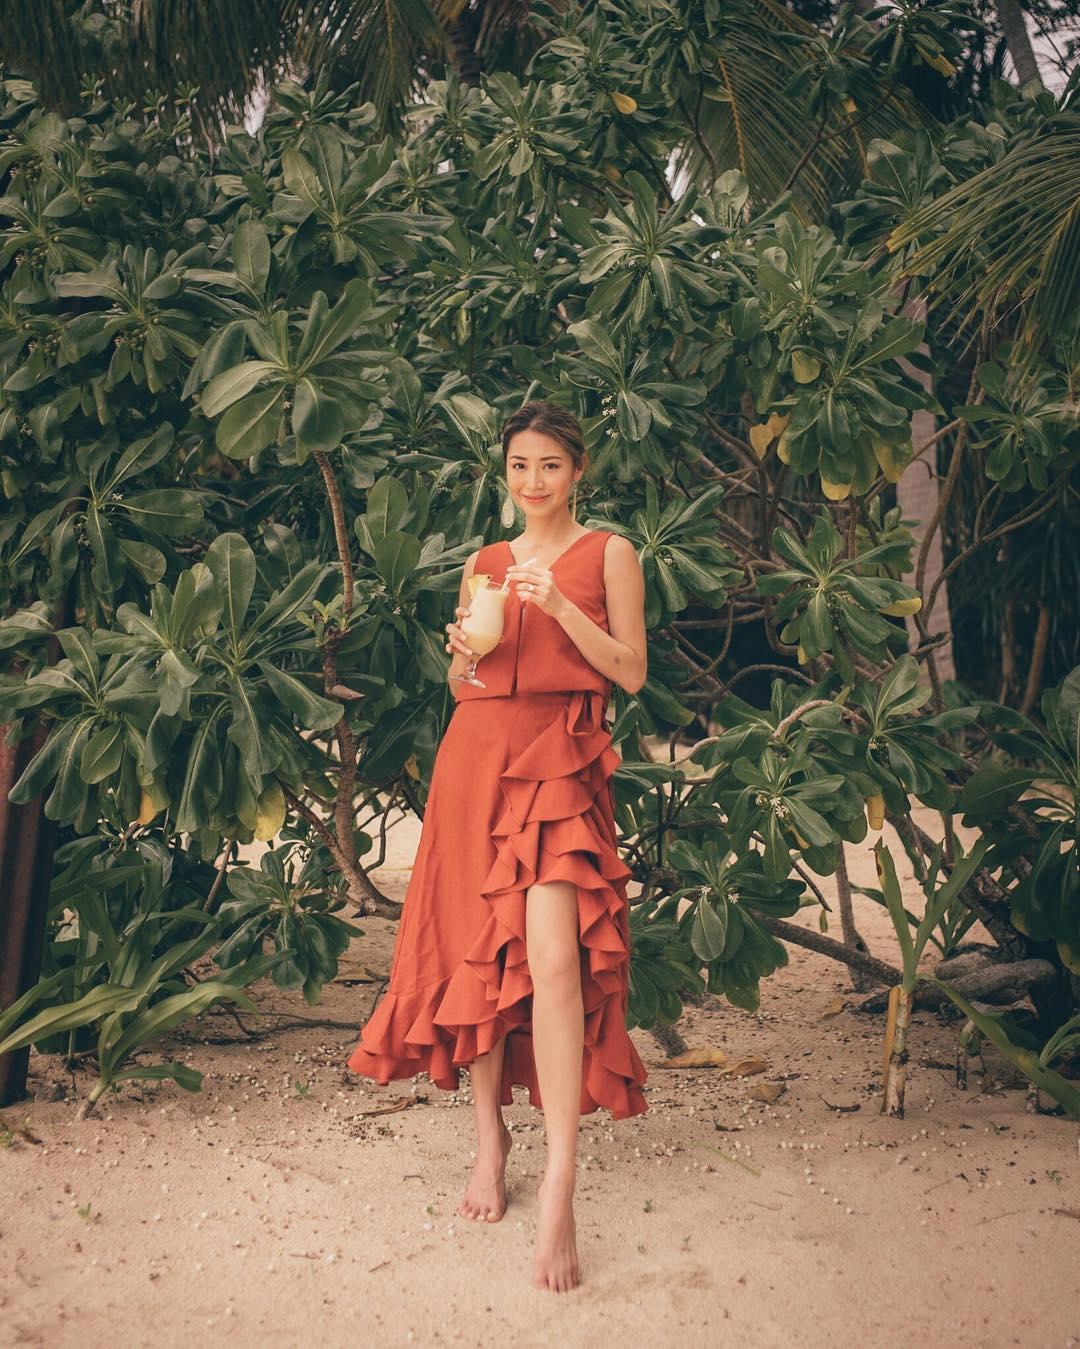 Đầm màu cam đất nhún bèo mặc đi biển